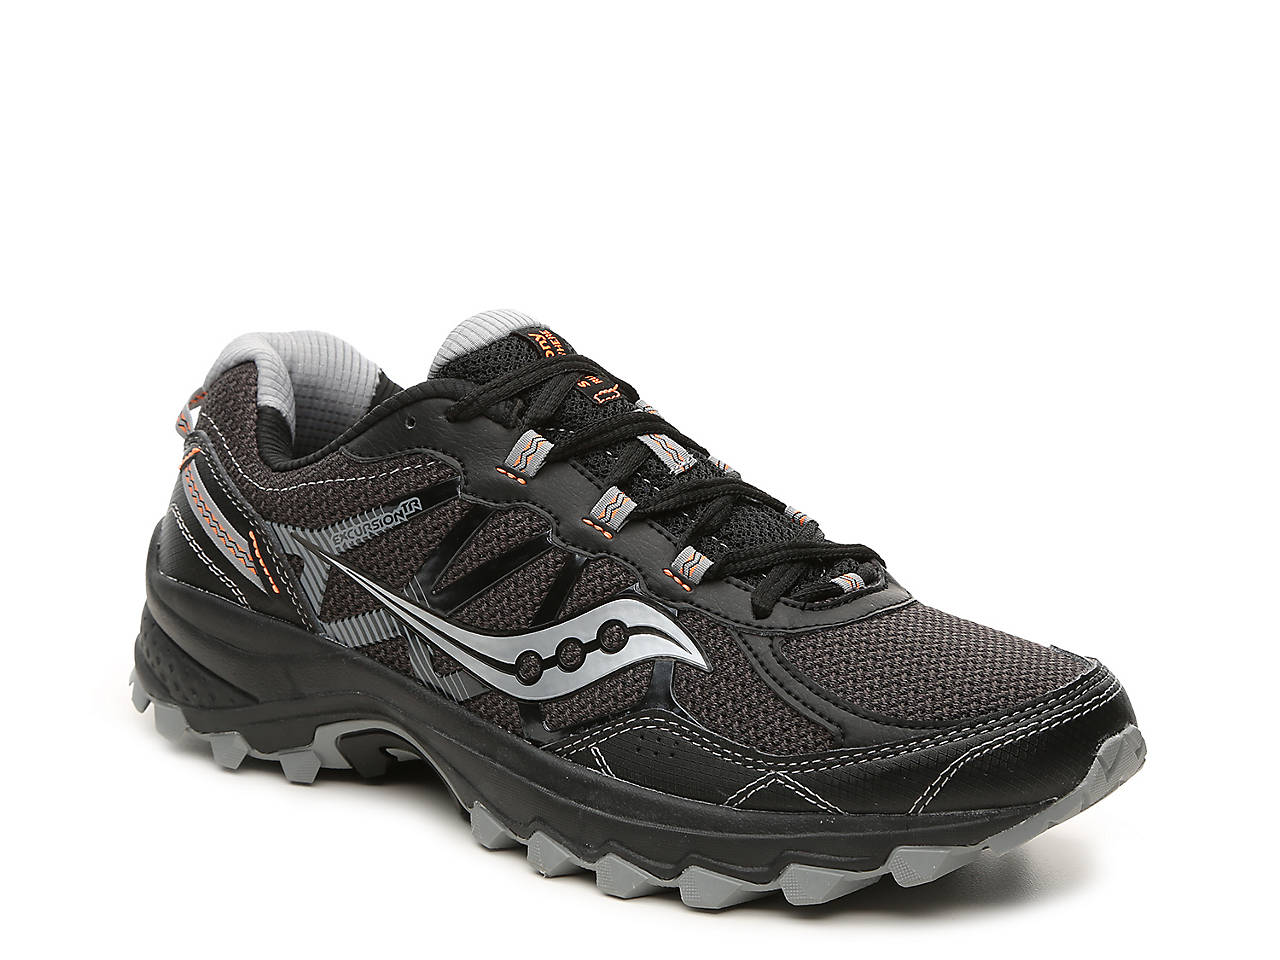 61be0d845cd6 Saucony Grid Excursion TR 11 Trail Running Shoe - Men s Men s Shoes ...